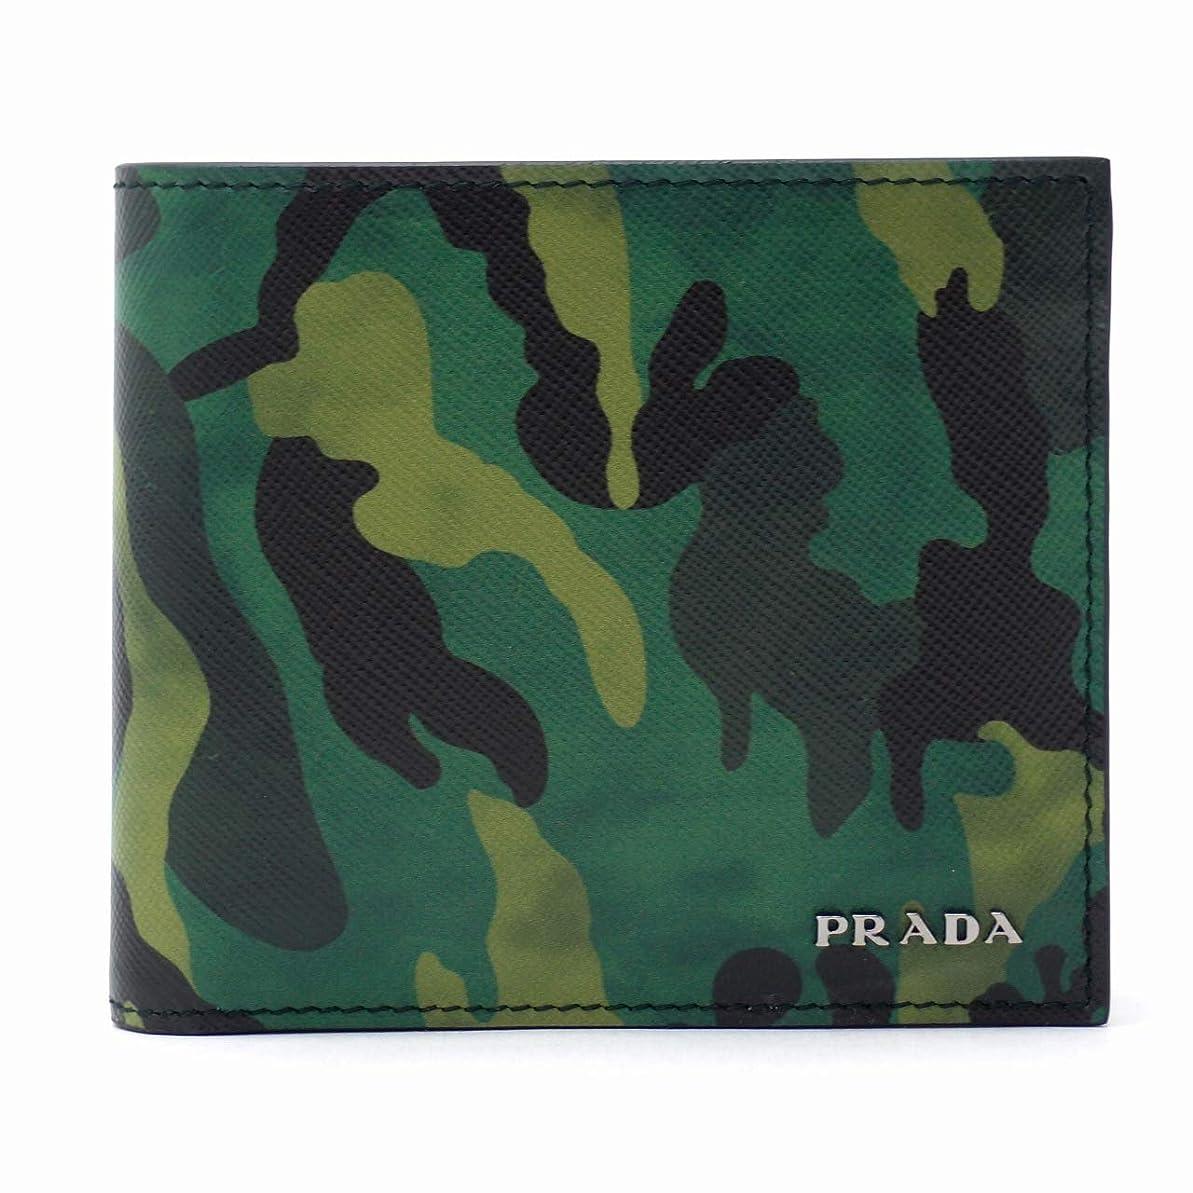 仕事政令隣接[プラダ] PRADA 財布 メンズ 二つ折り財布 サフィアーノ レザー 2MO738-2BXY-F0394 [アウトレット品] [並行輸入品]